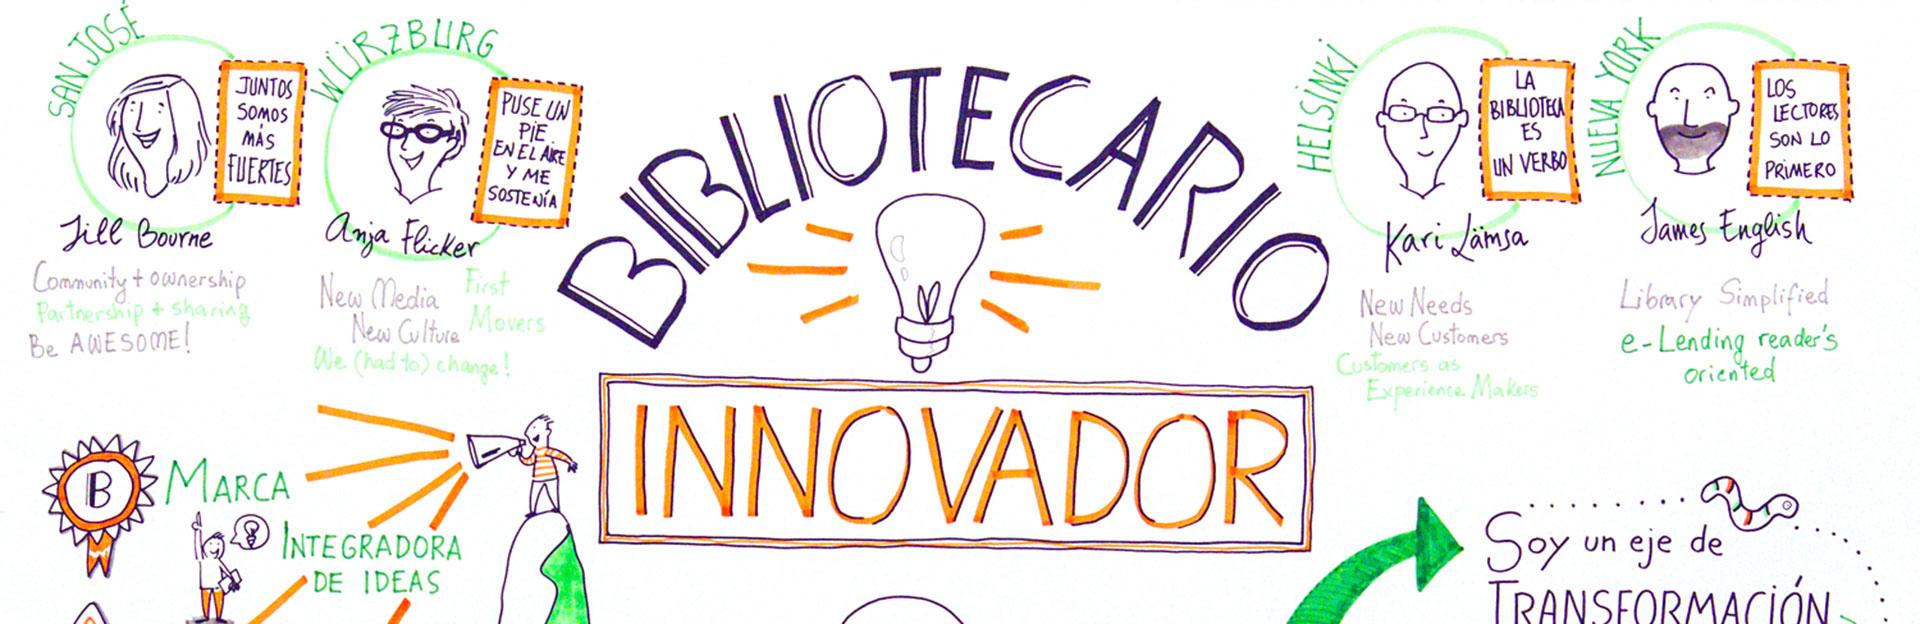 bibliotecario_innovador